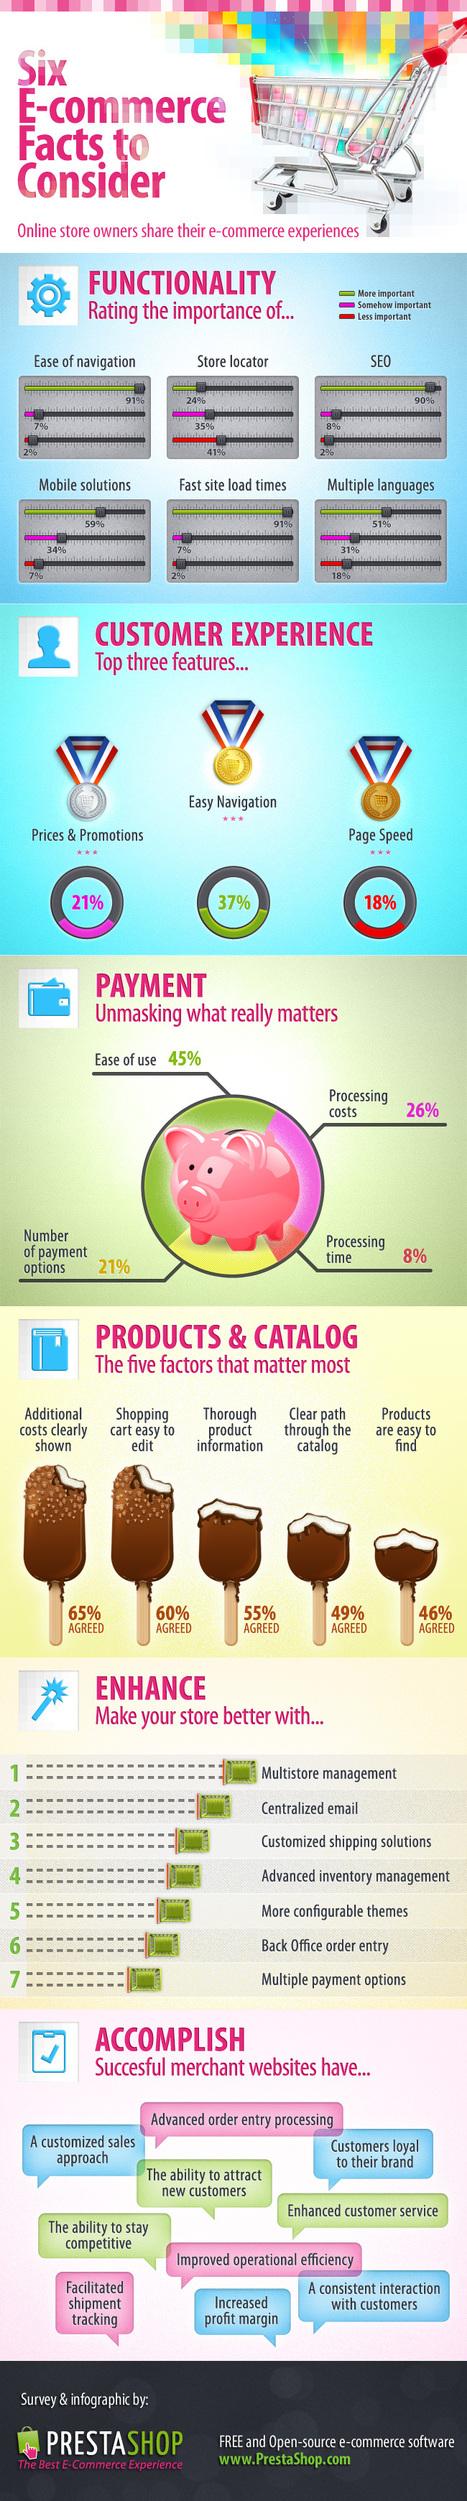 Quelles sont les priorités des e-commerçants pour leur projet de boutique ? | Projet Ecommerce - Ecom Expert | Scoop.it